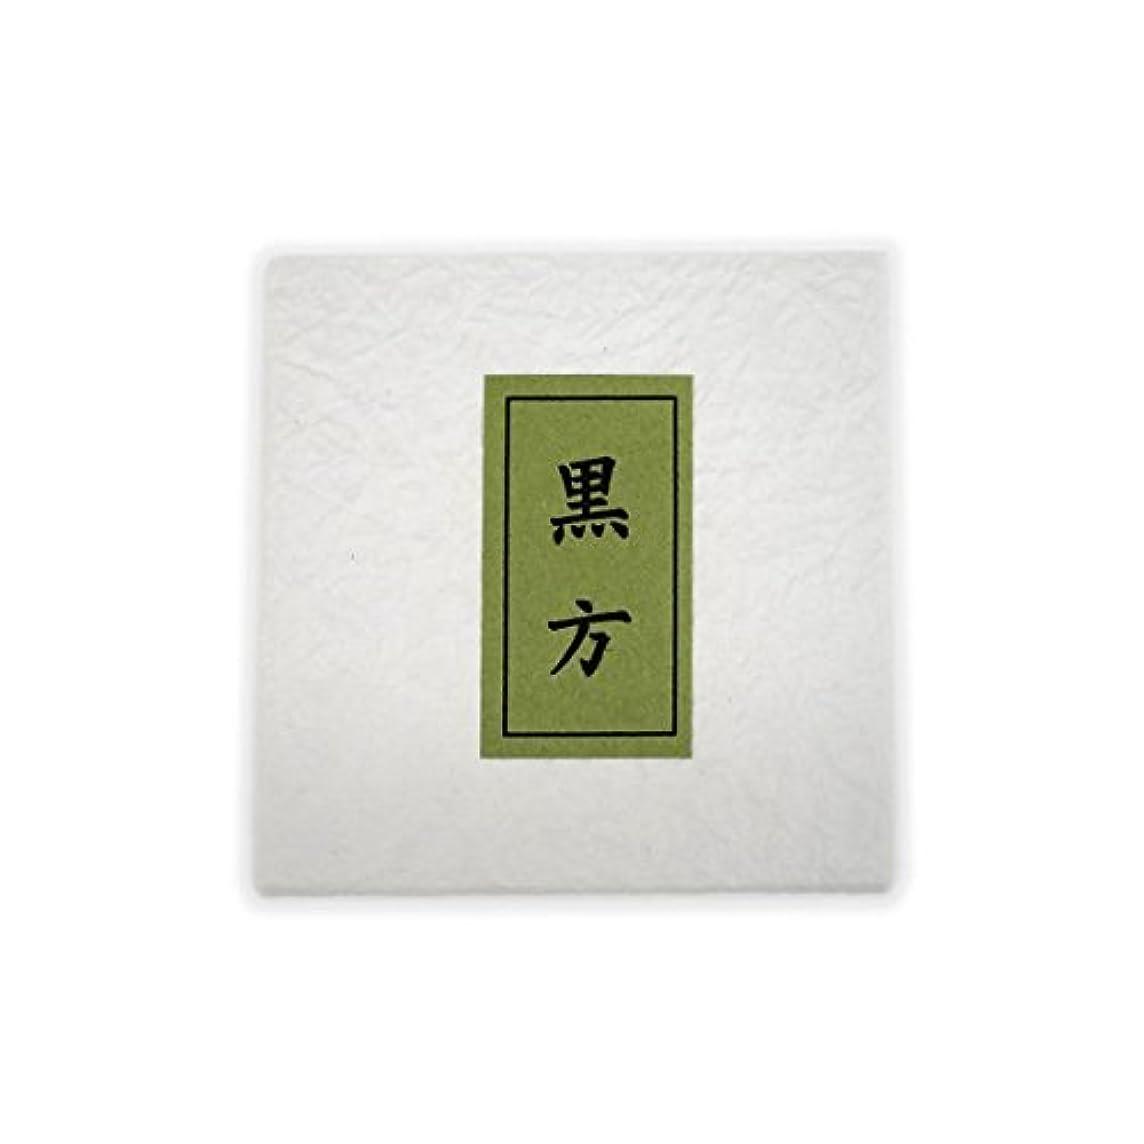 配管経営者ガジュマル黒方 紙箱入(壷入)